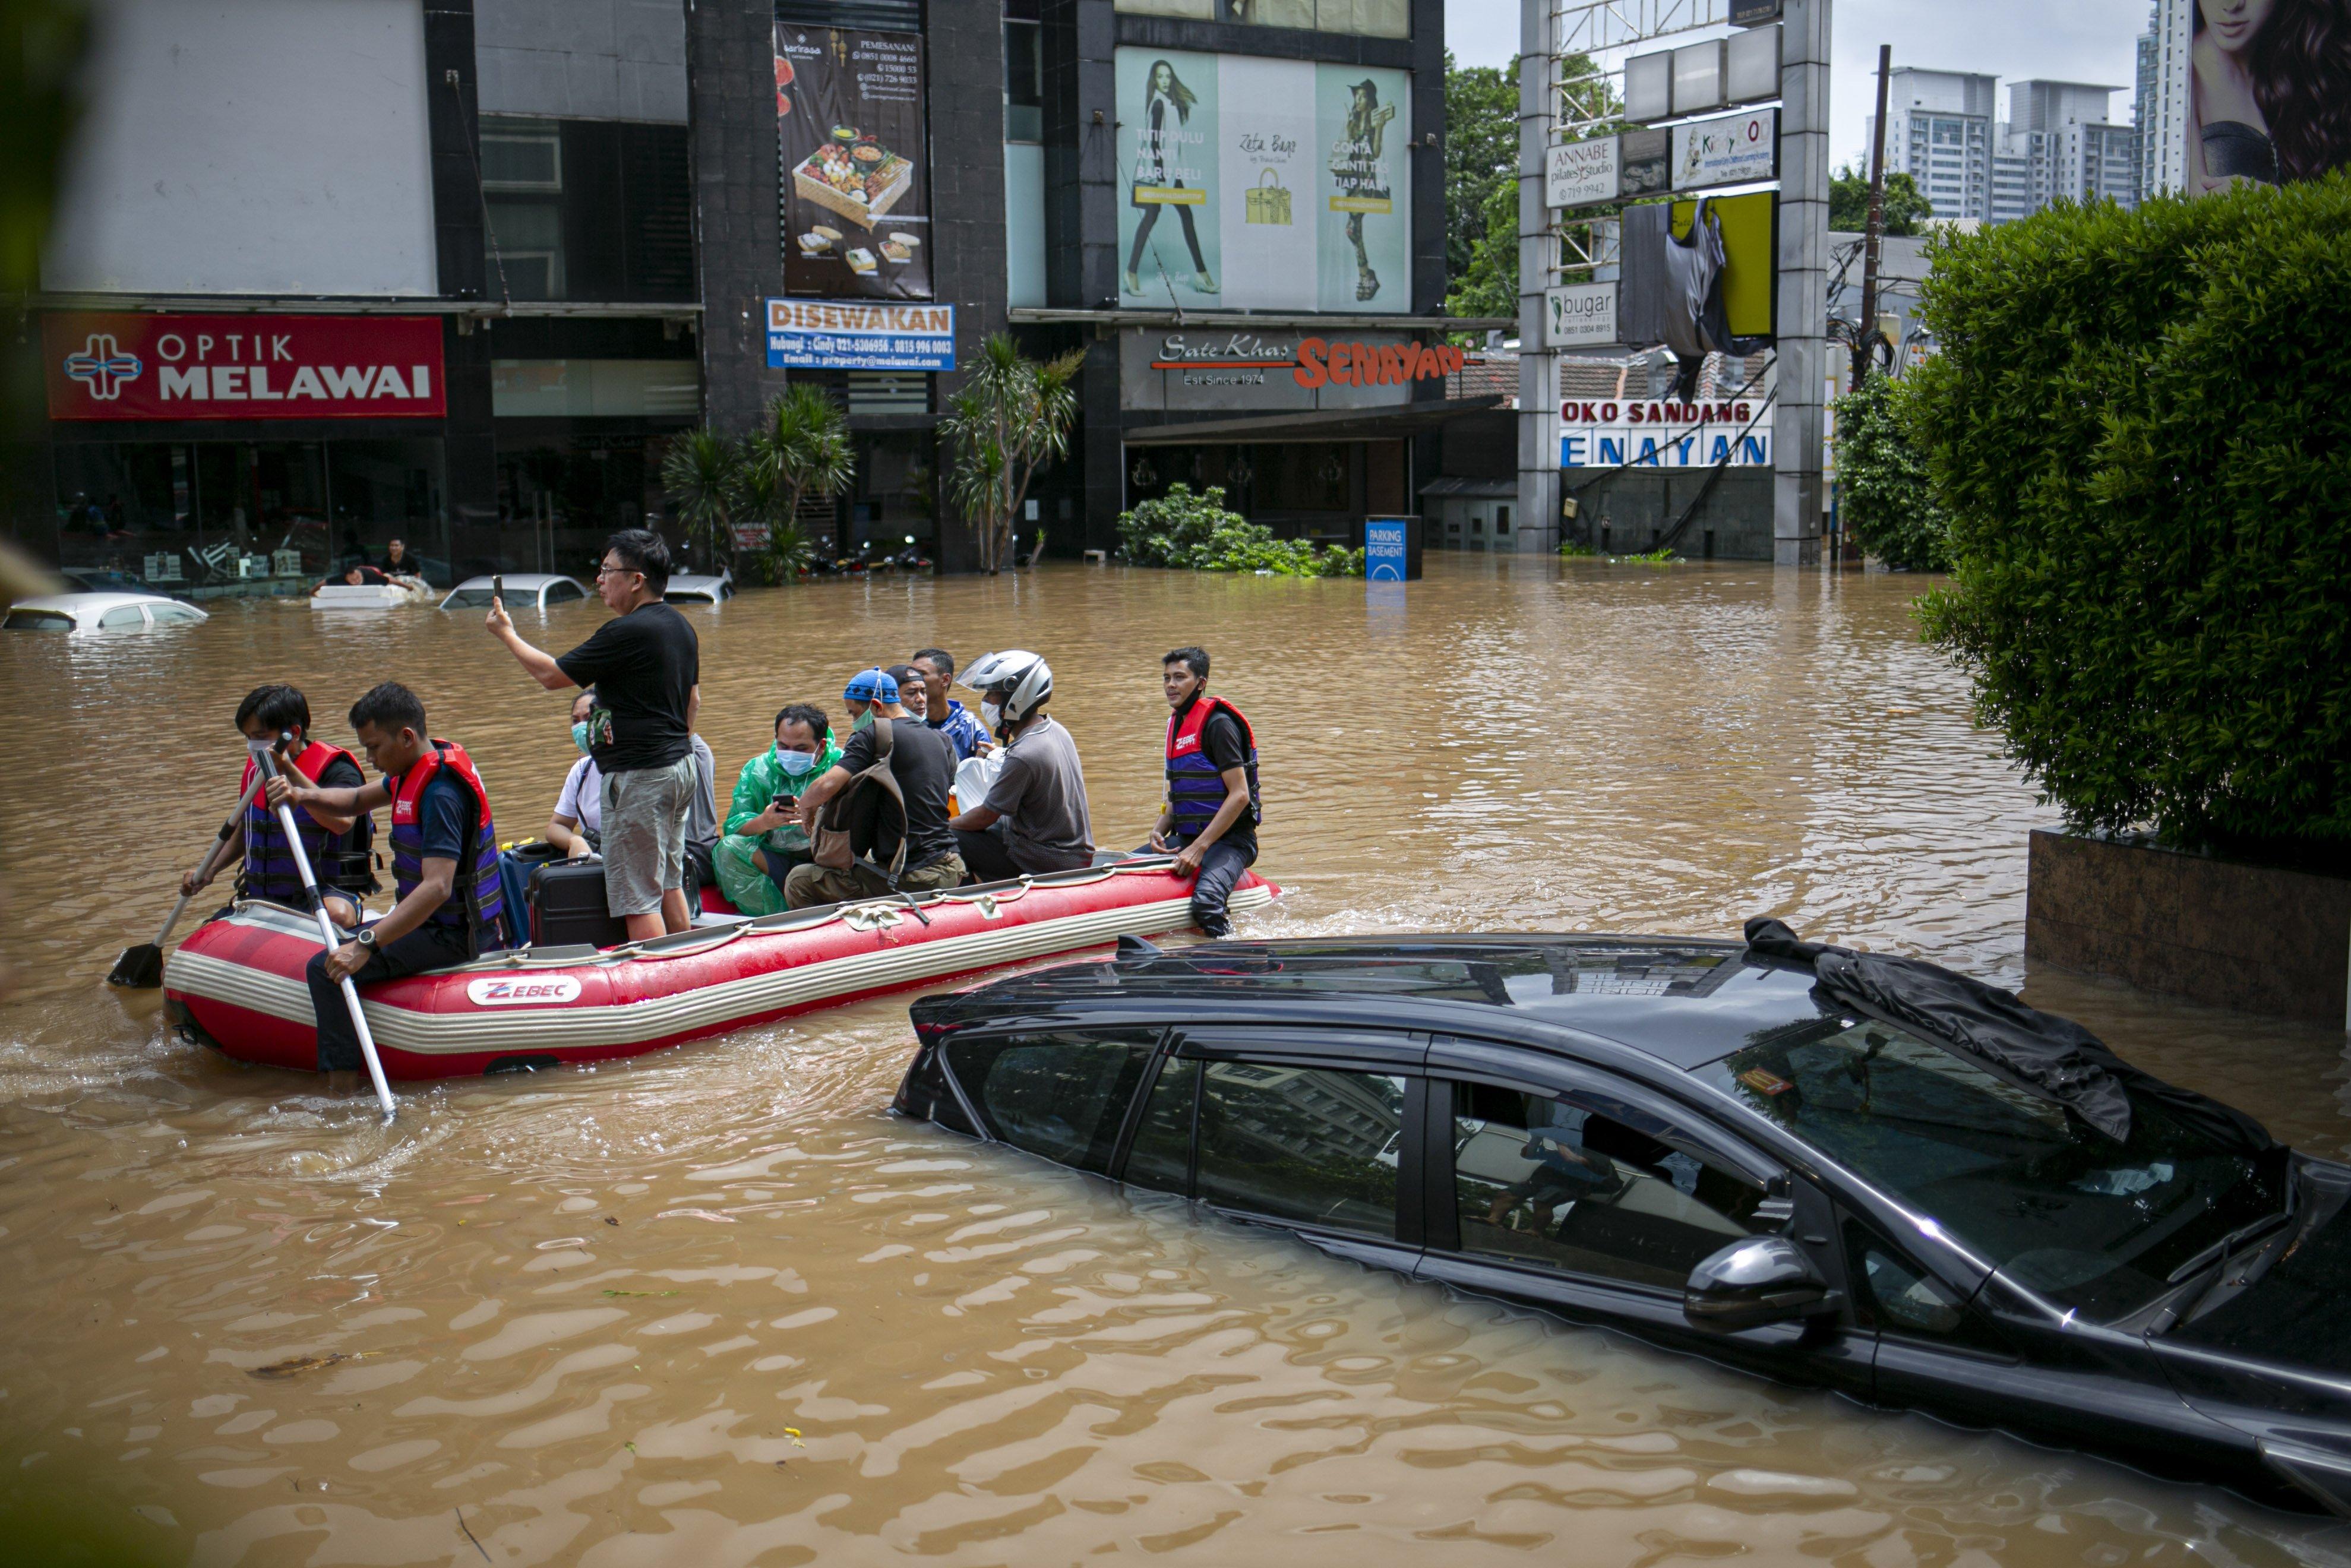 Petugas mengevakuasi warga dengan perahu karet di kawasan Kemang, Jakarta Selatan, Sabtu (20/2/2021). Banjir yang terjadi akibat curah hujan tinggi serta drainase yang buruk membuat kawasan Kemang banjir setinggi 1,5 meter.